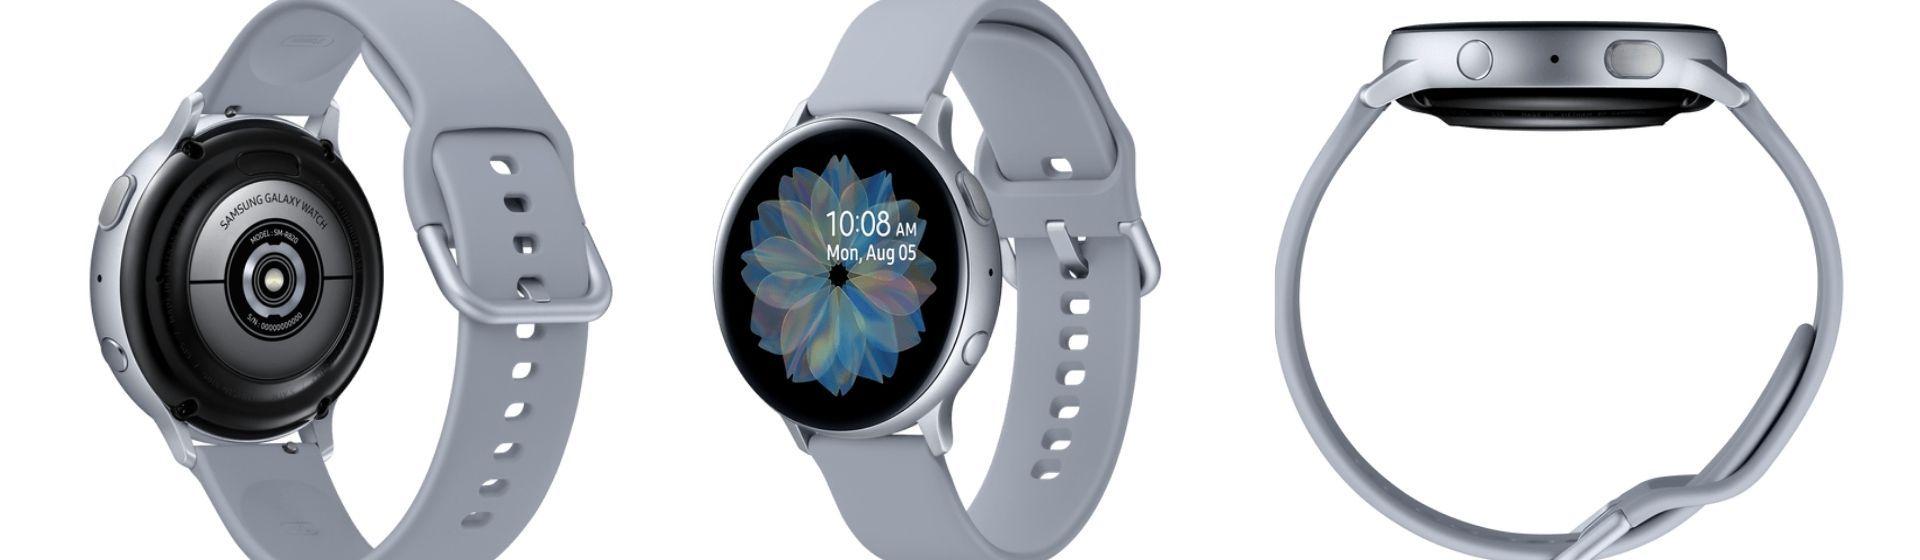 Galaxy Watch Active 2: análise de ficha técnica do smartwatch da Samsung